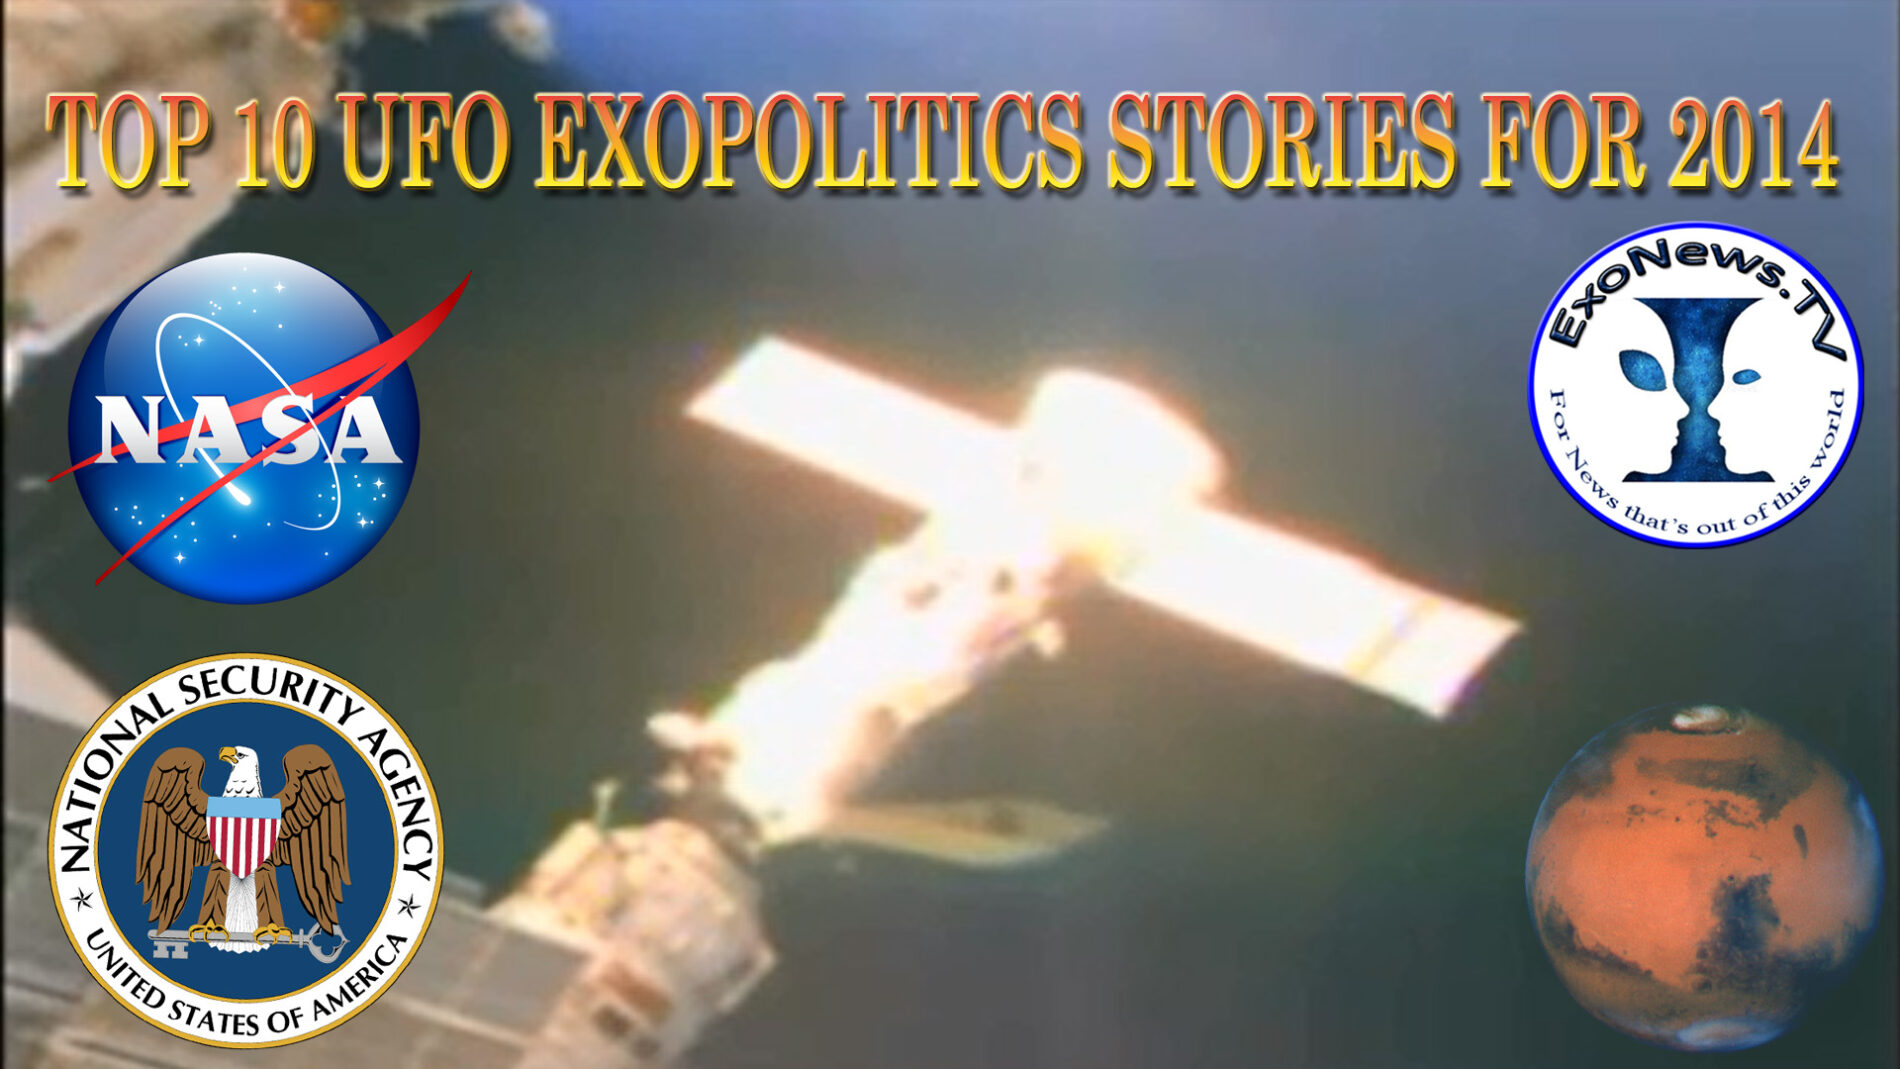 Top ten UFO and exopolitics stories for 2014 » Exopolitics